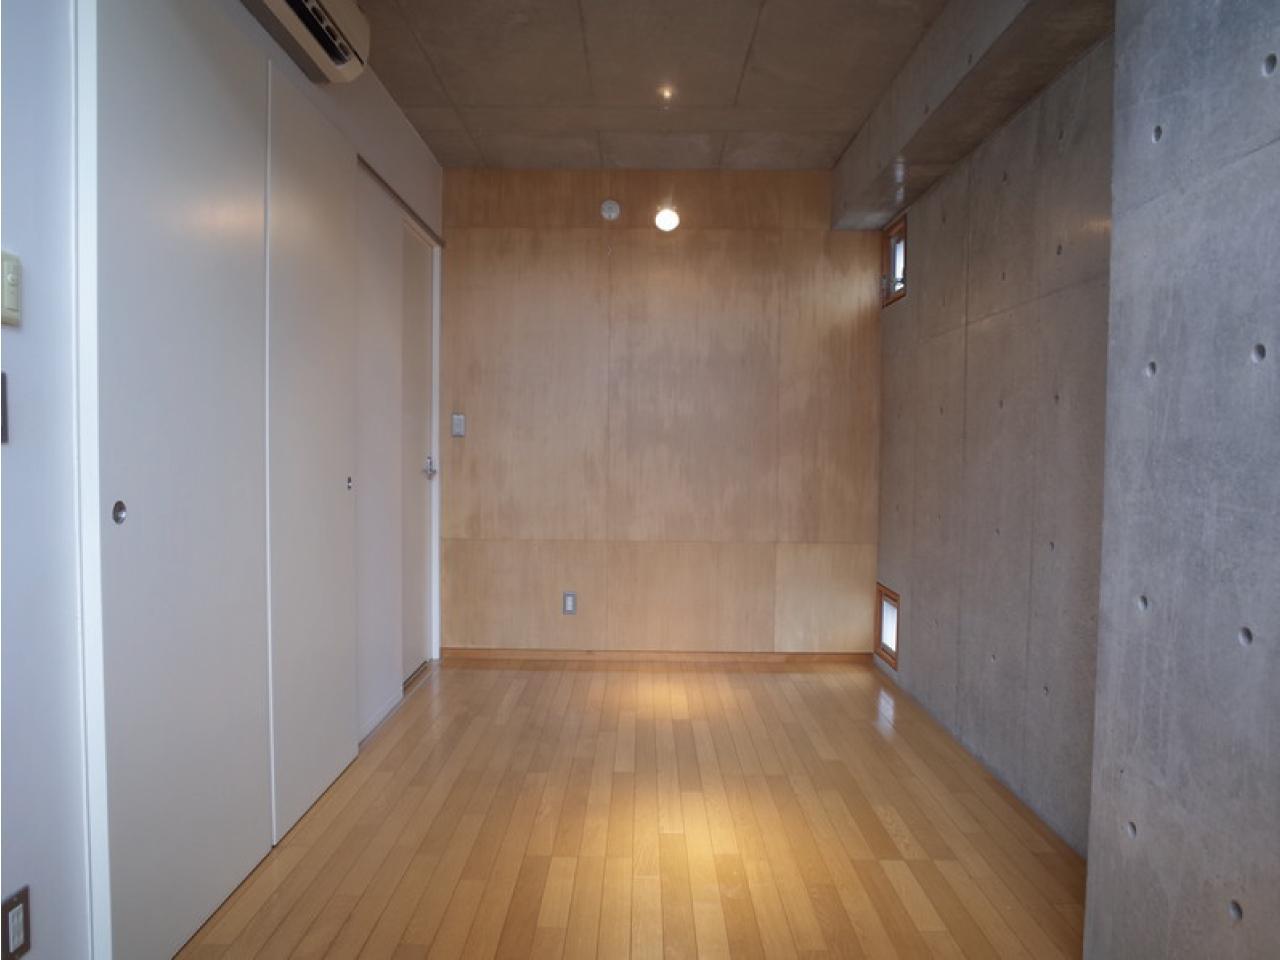 下の階、床はフローリング、壁は打ち放し